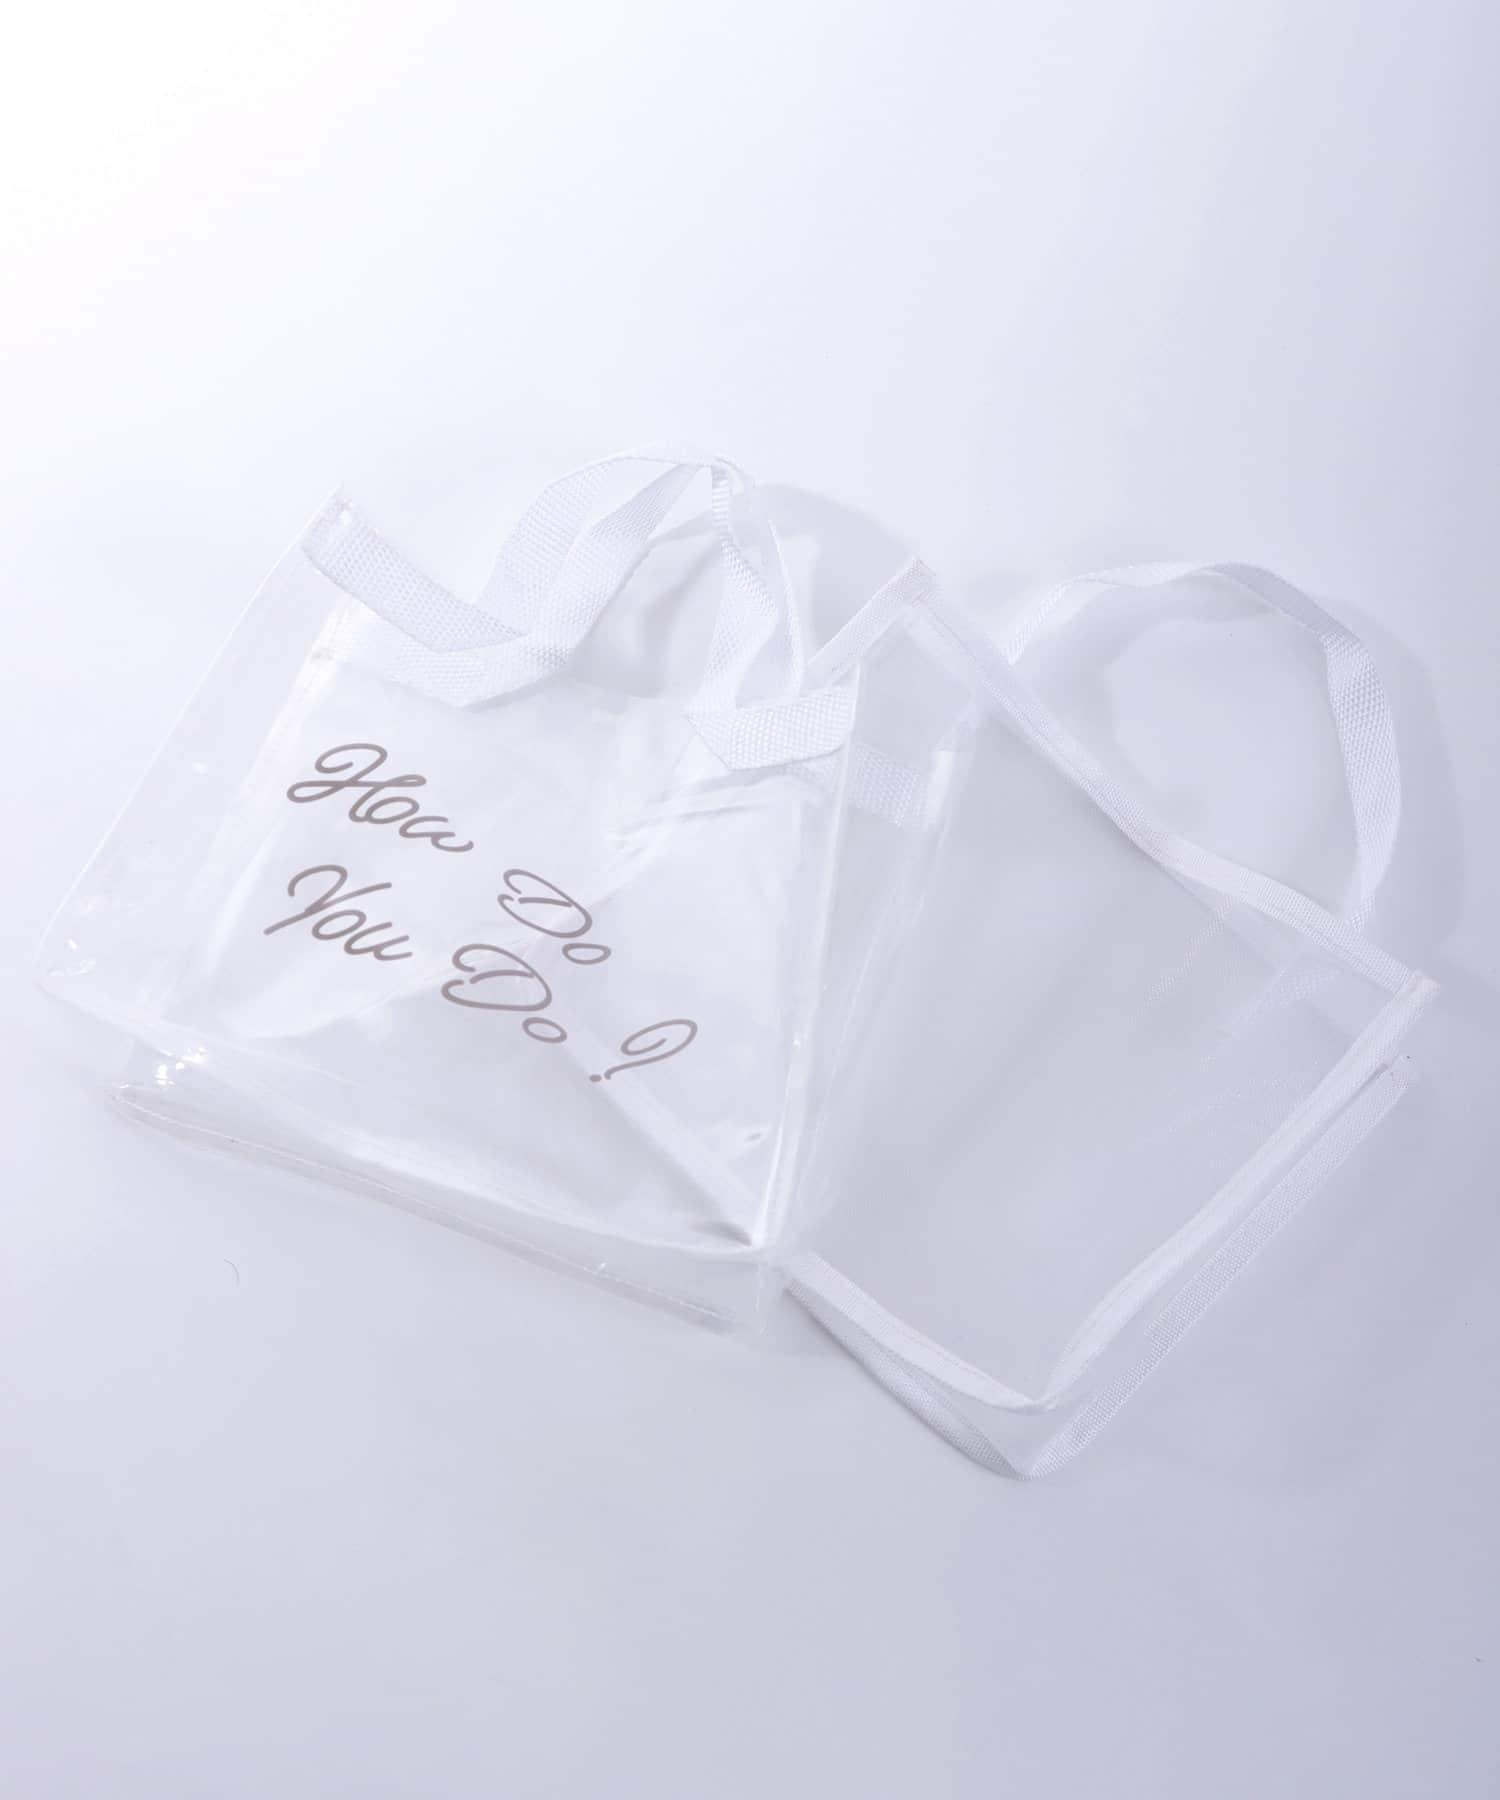 3COINS(スリーコインズ) ライフスタイル 【持ち歩きにもおすすめスパグッズ♪】スパバック2個SET ホワイト